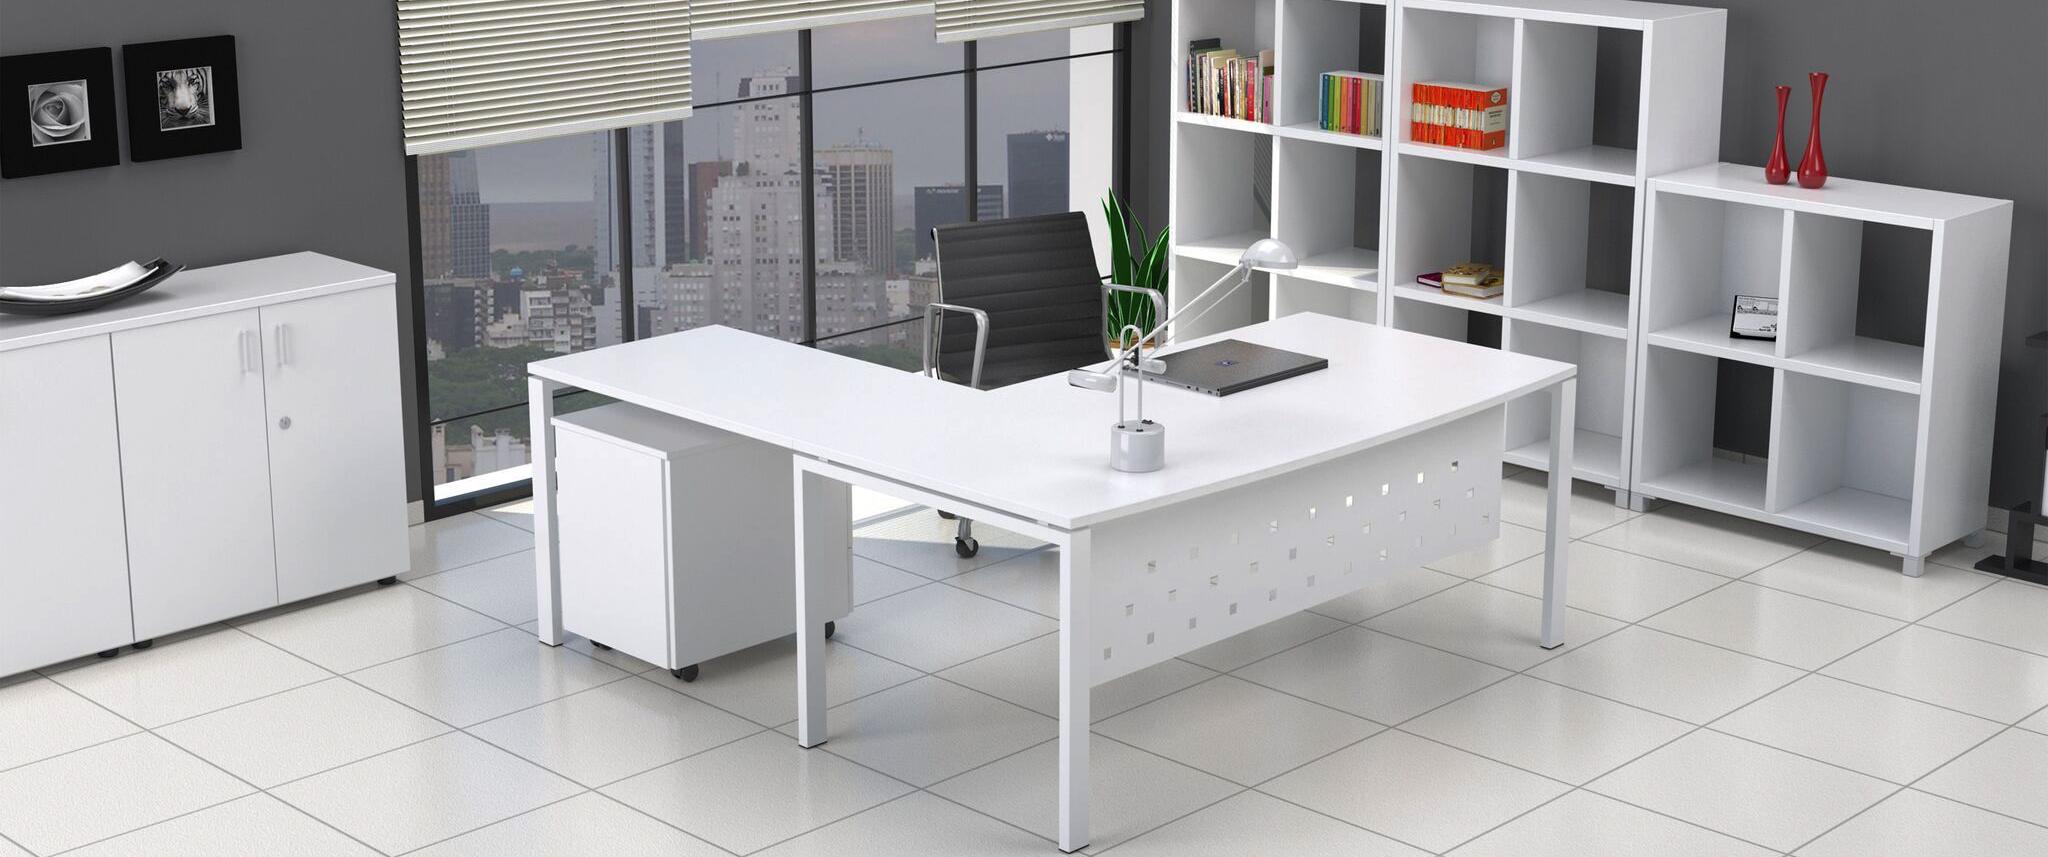 Mobiliario de oficina expertos en dise o de oficinas for Mobiliario de oficina pamplona